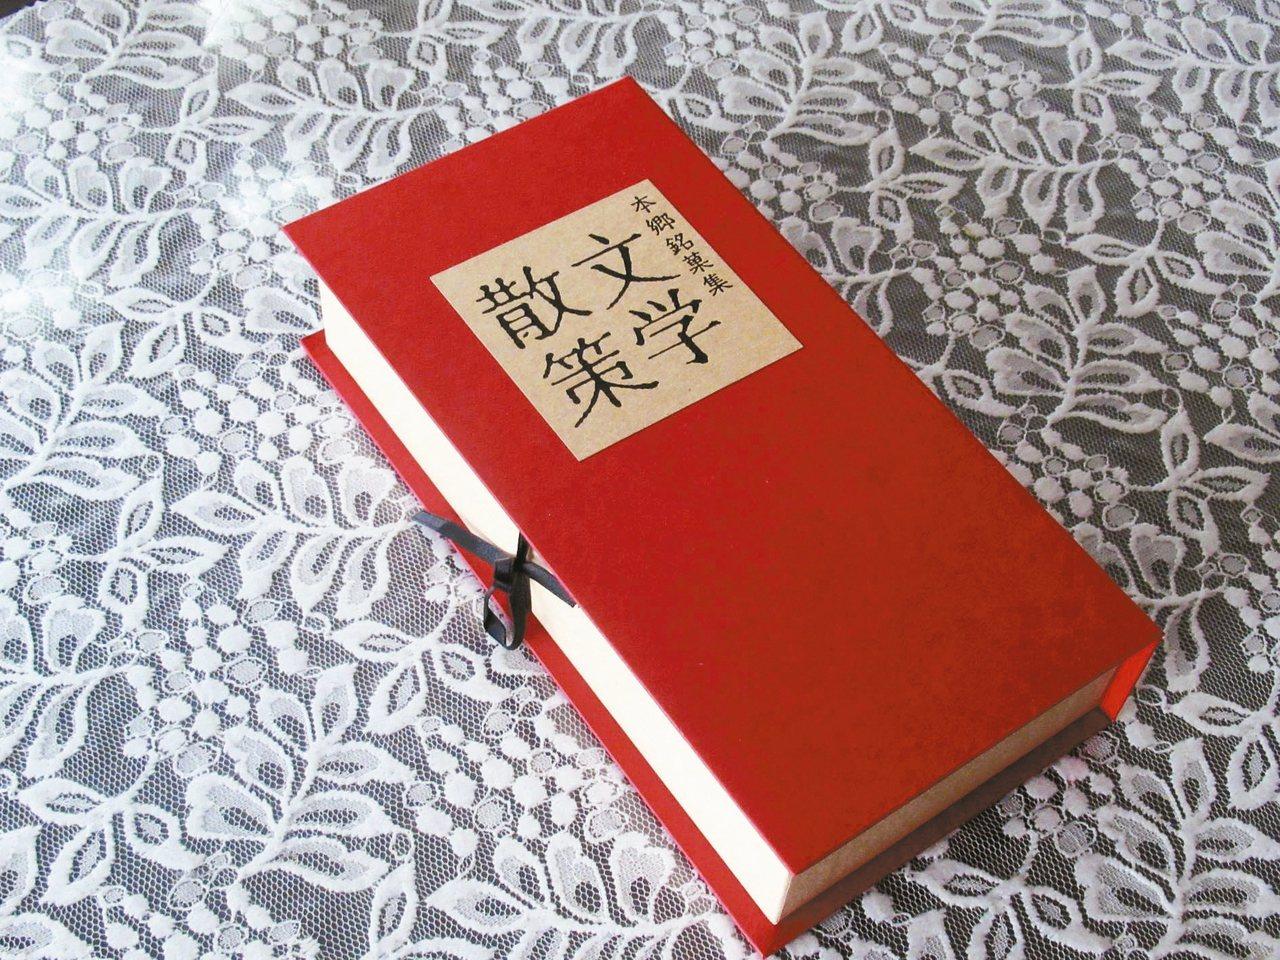 這菓子盒很美。長方形外觀,棗紅色的硬皮,和紙貼著題名「文學散策」。闔上蓋子,絲帶...